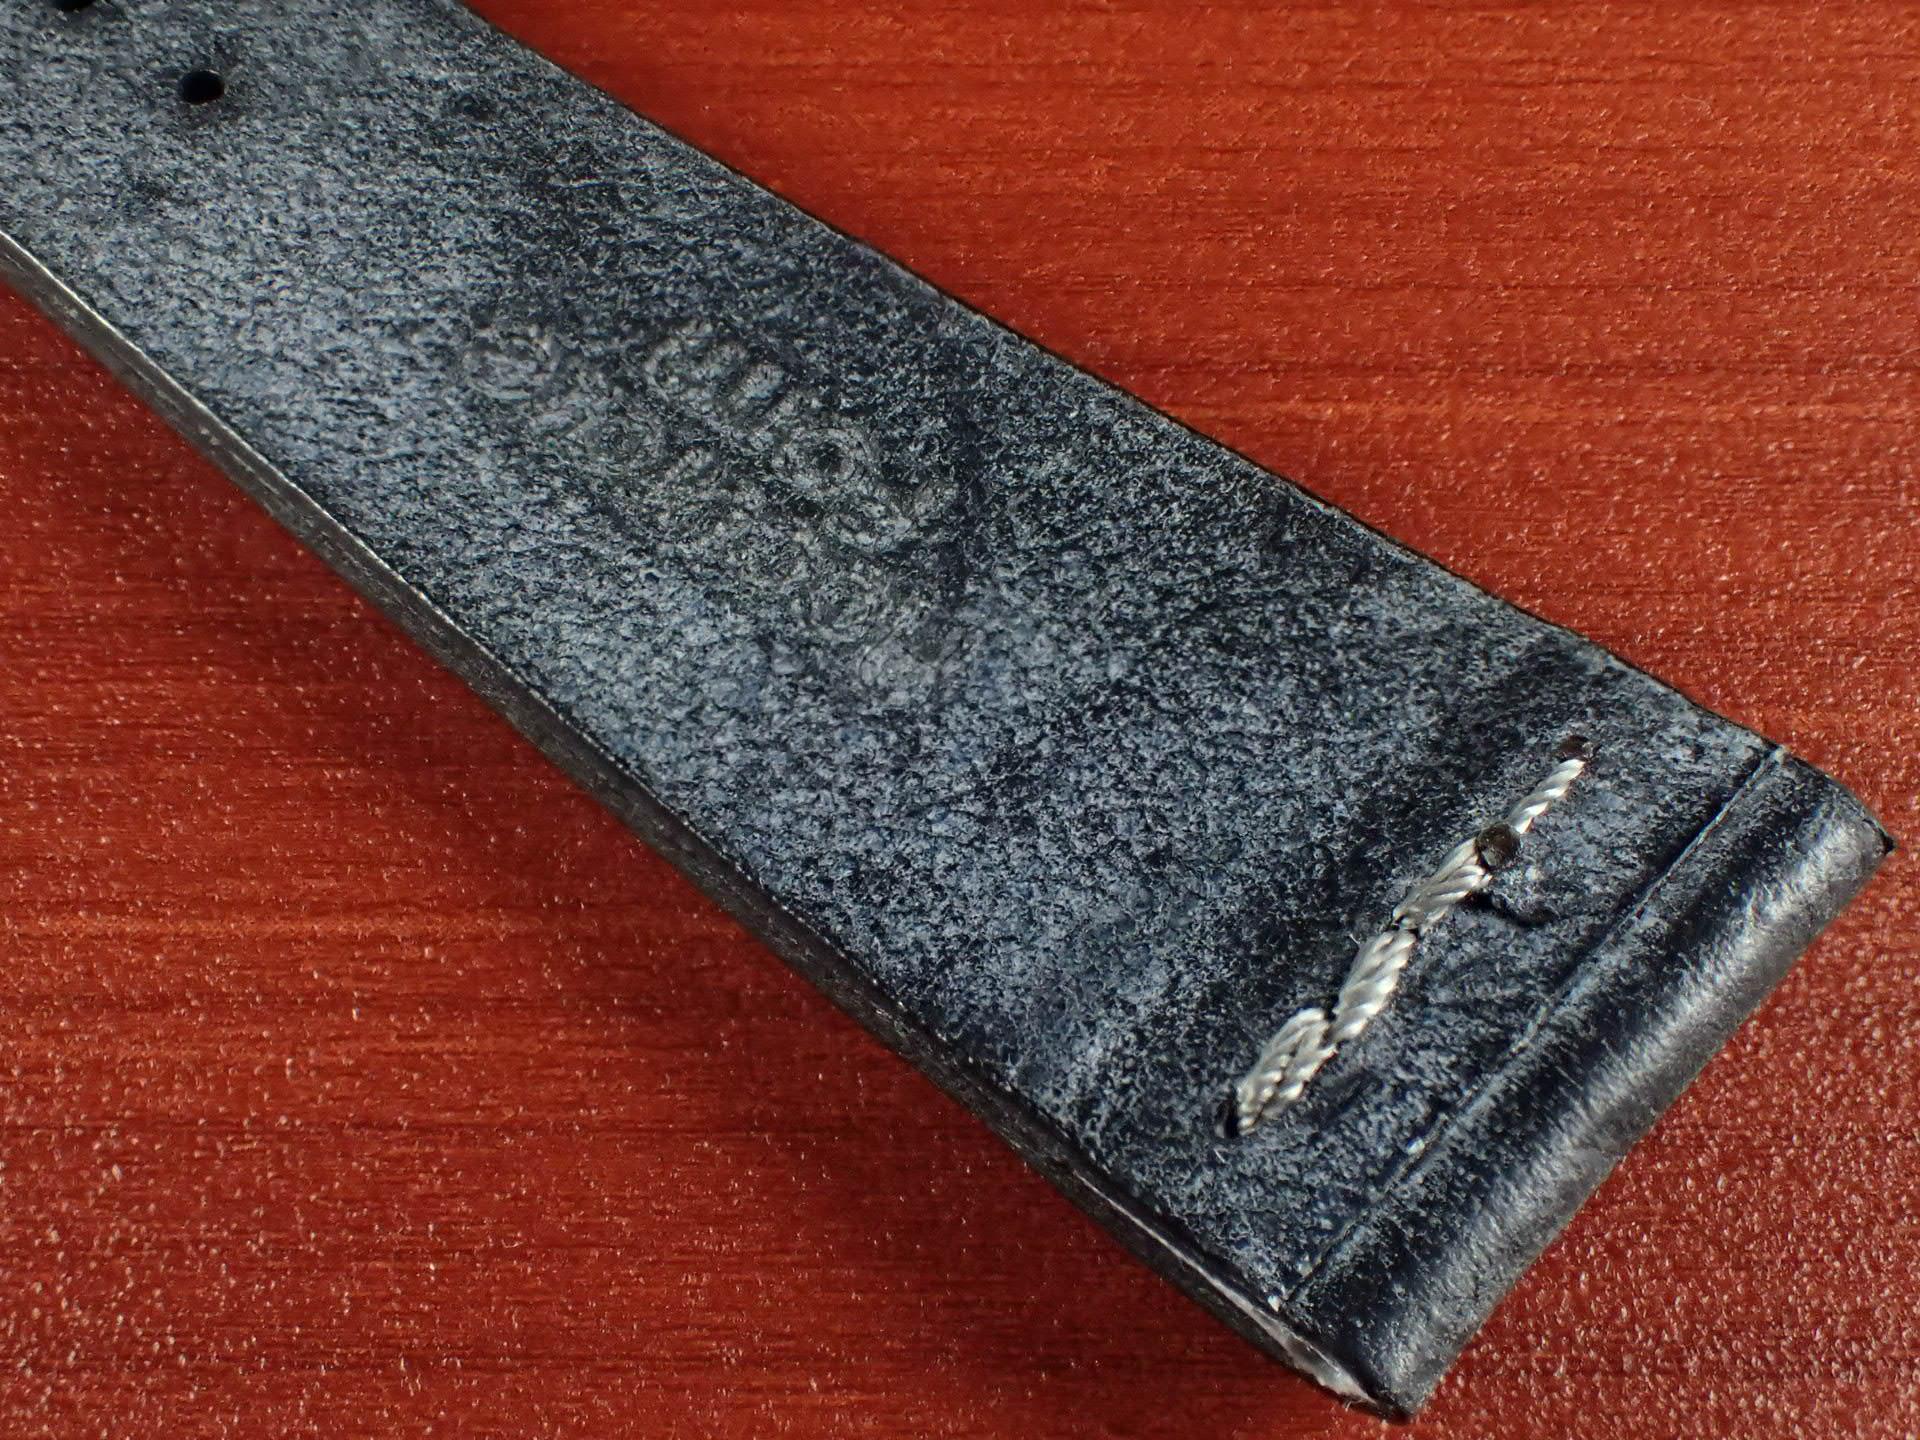 ブライドルレザーベルト ラ・ペルラ・アッズーラ アラスカ 一文字ステッチ ブラック 18、20mmの写真6枚目